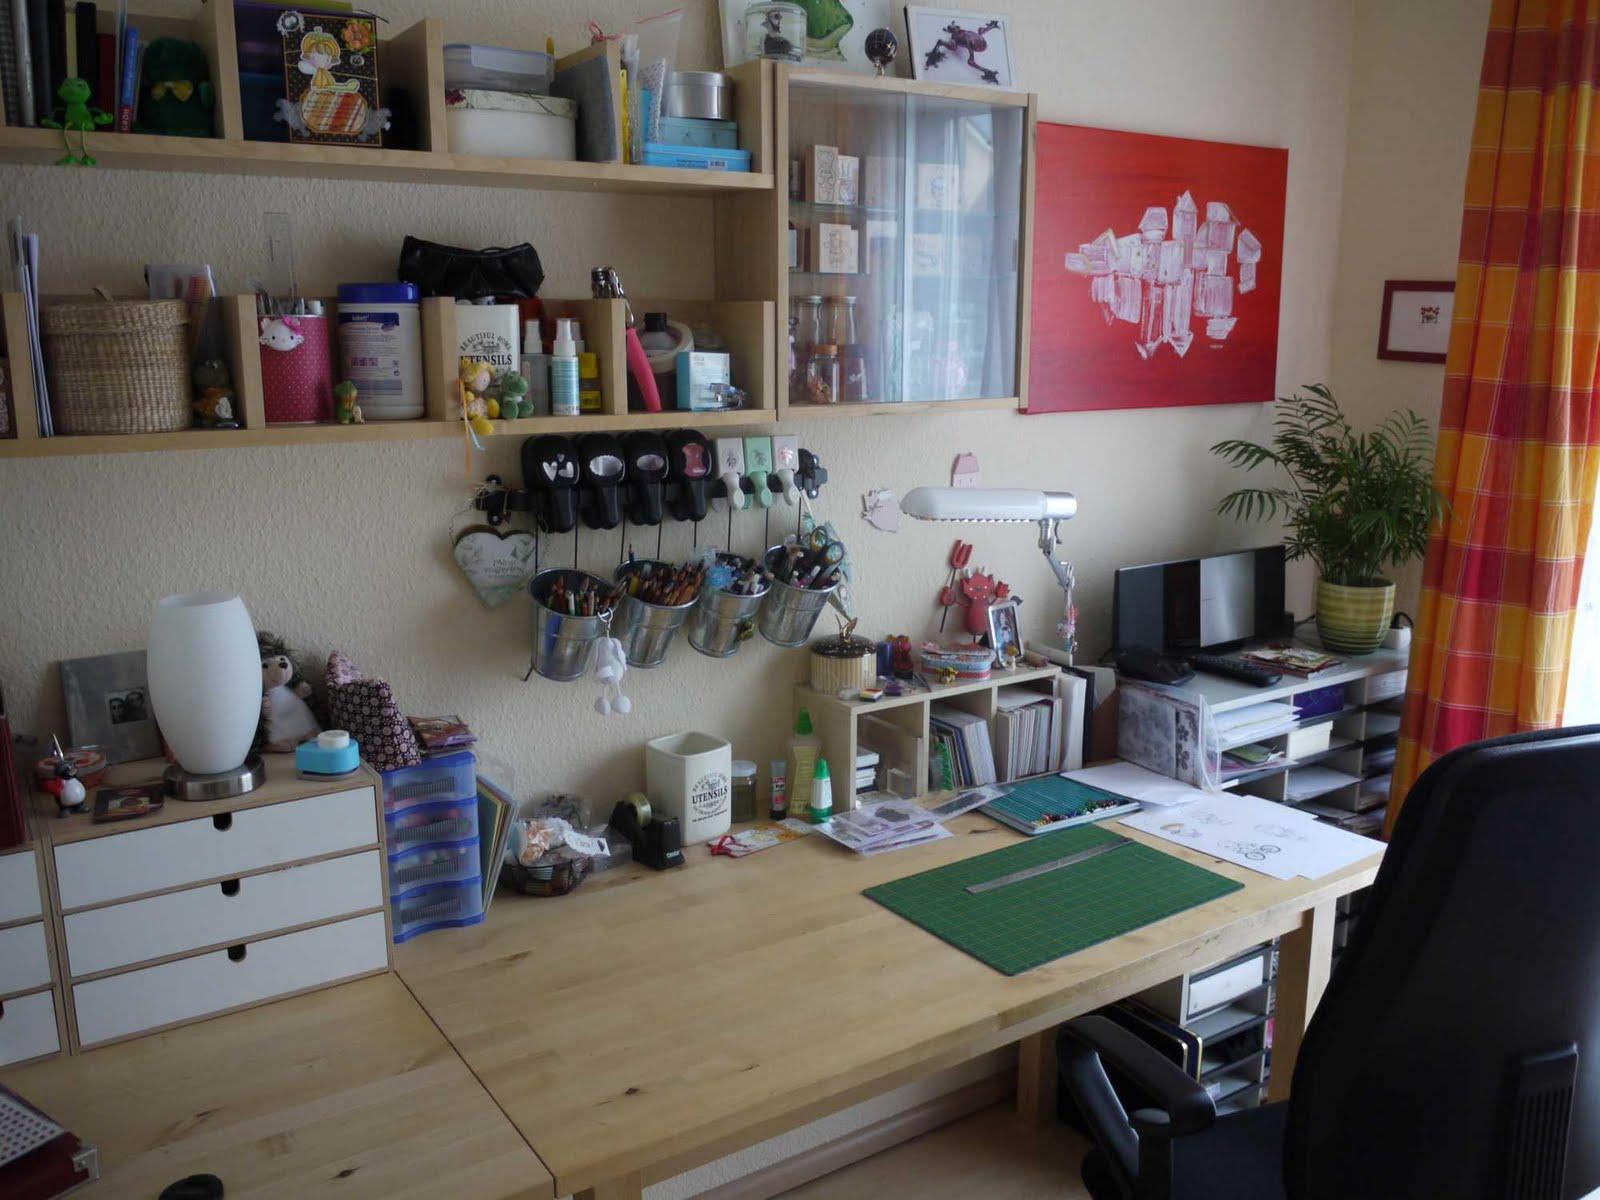 basteltiger s welt kleine bastelzimmer tour little craftroom tour. Black Bedroom Furniture Sets. Home Design Ideas